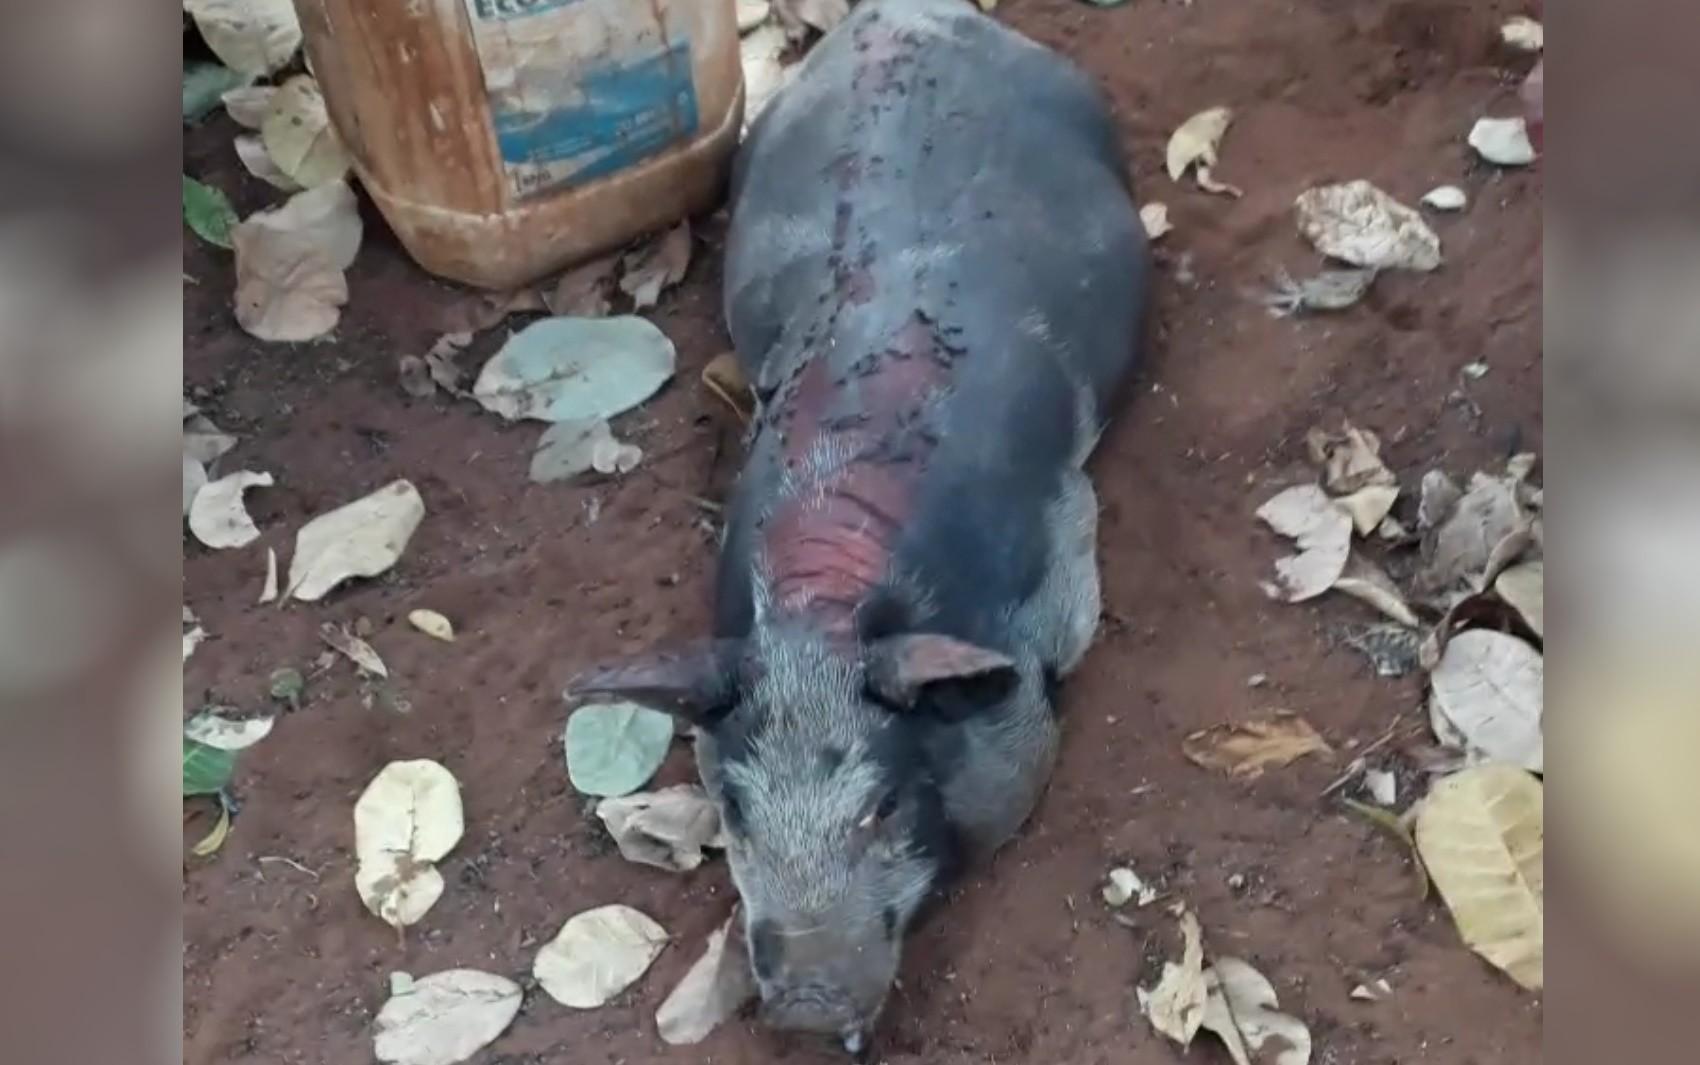 Morador filma quando fogo atinge fazenda e mata animais em Jataí: 'Não consegui soltar as galinhas'